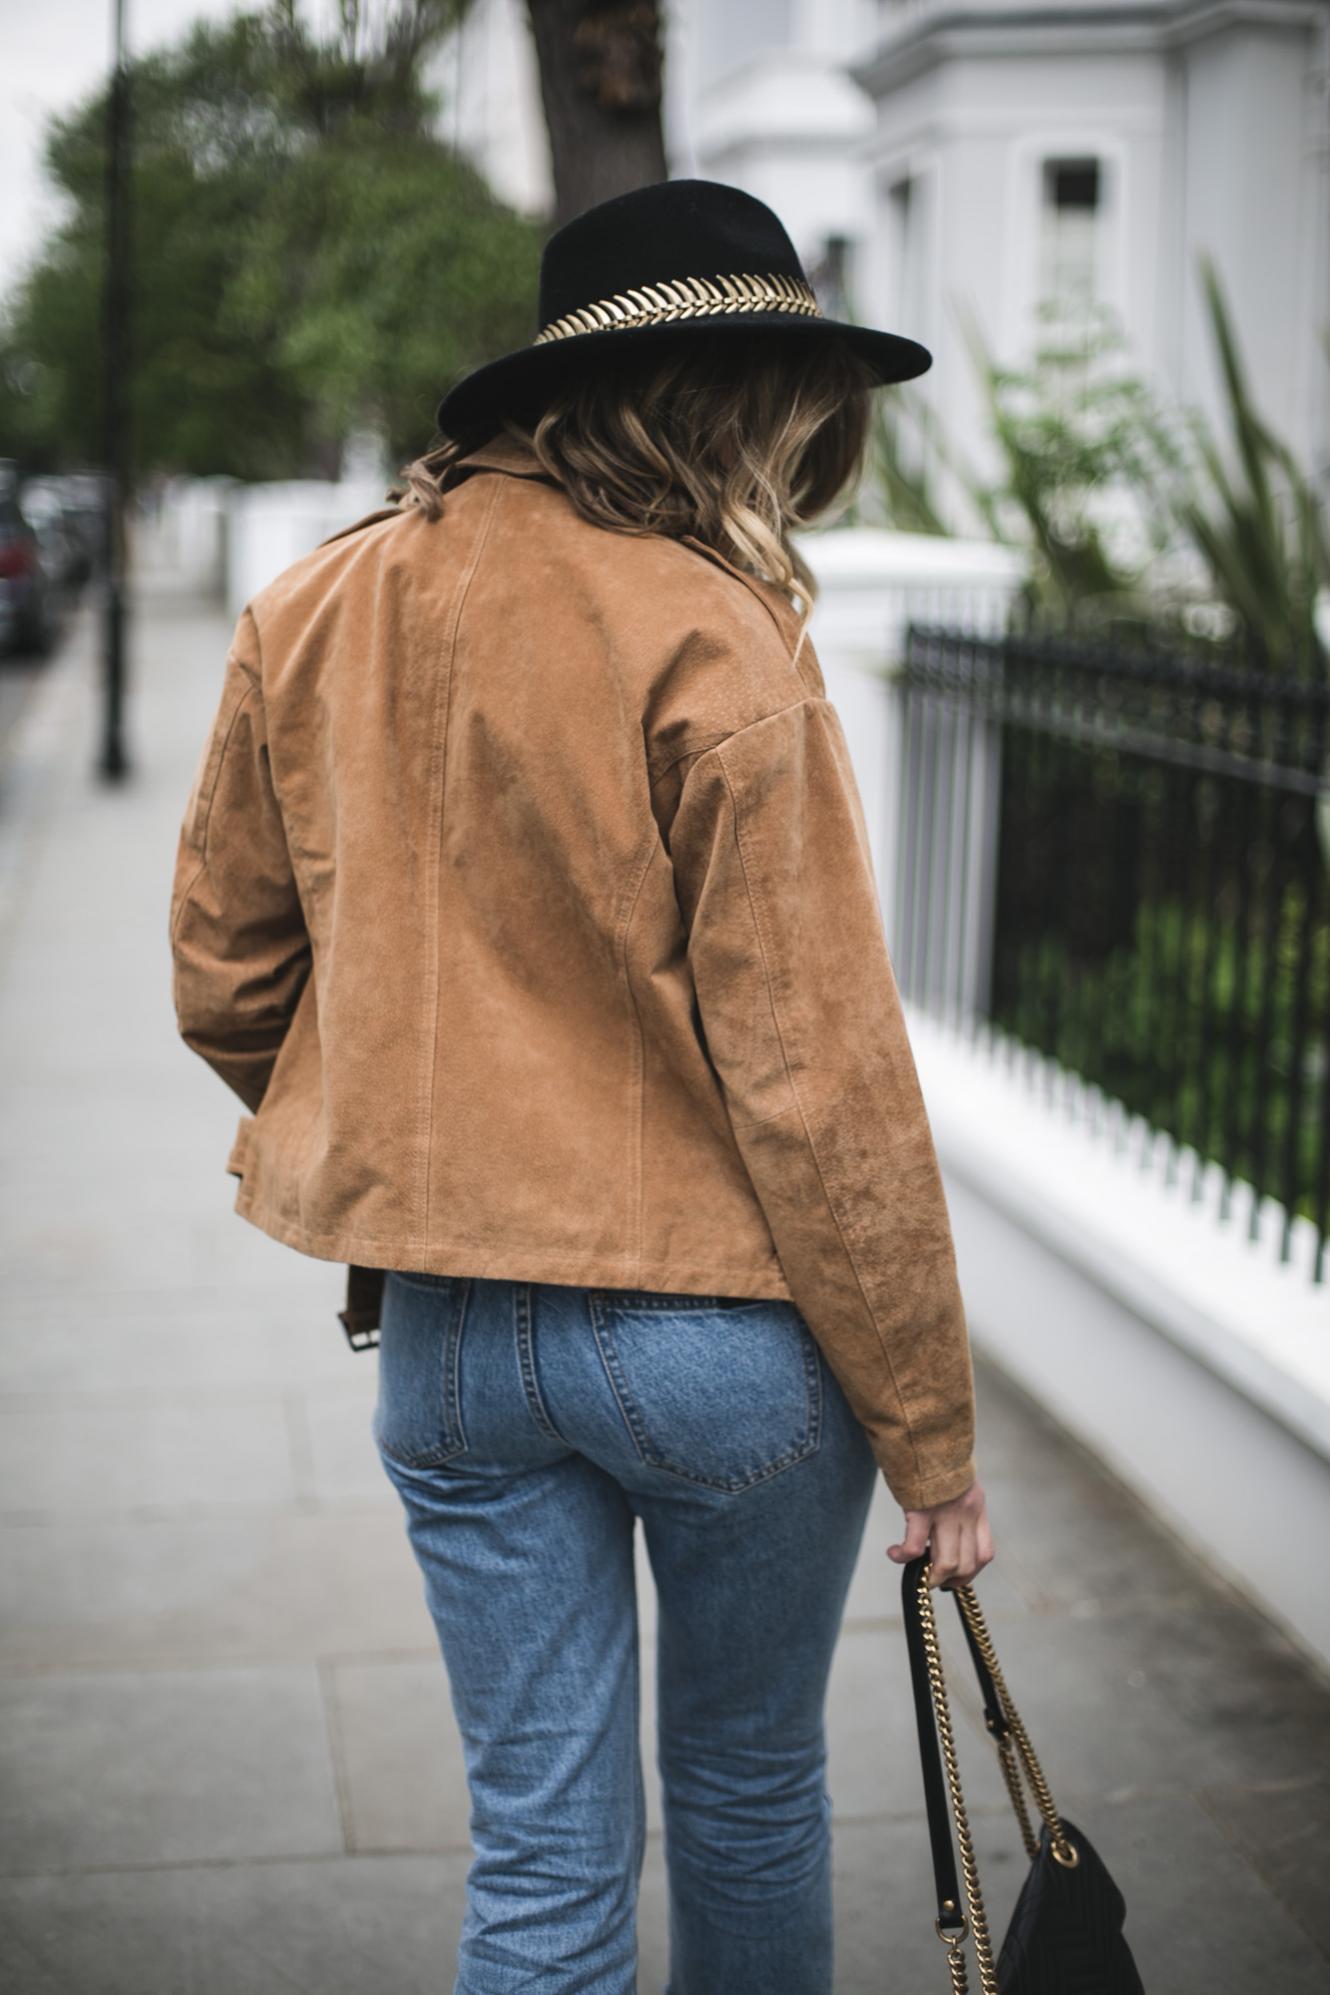 tan suede jacket, black fedora, light wash jeans